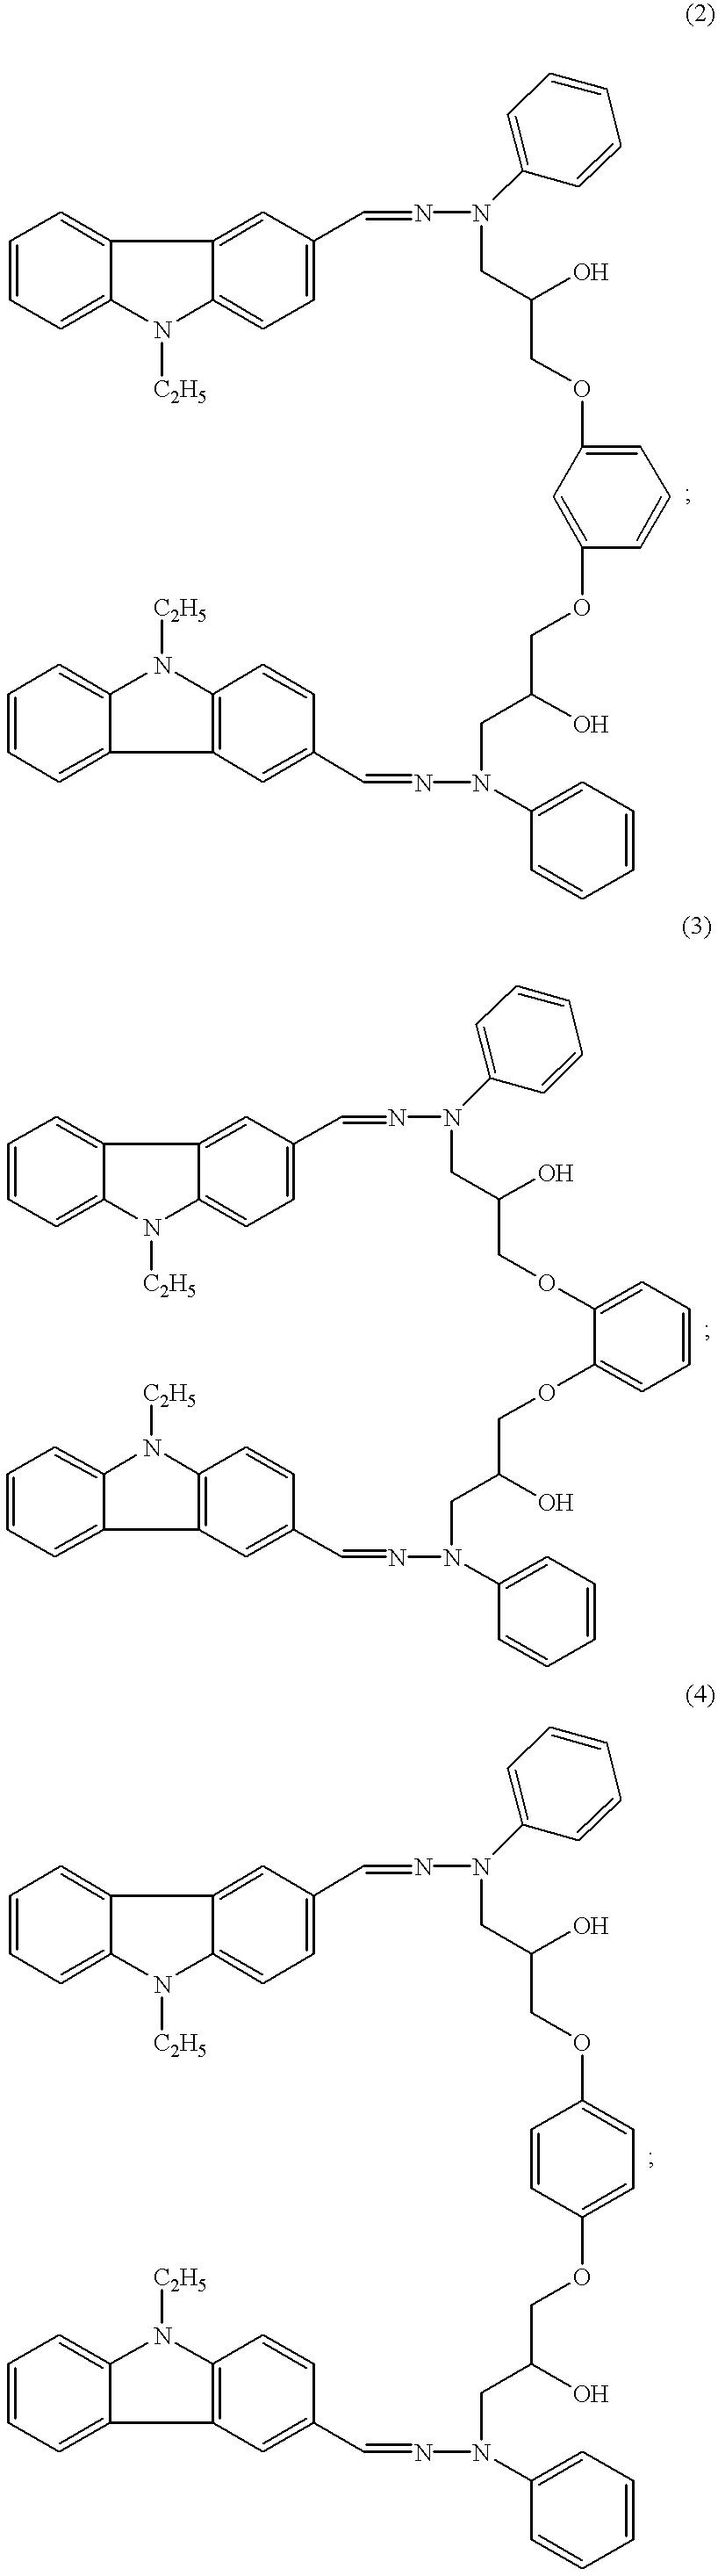 Figure US06214503-20010410-C00031